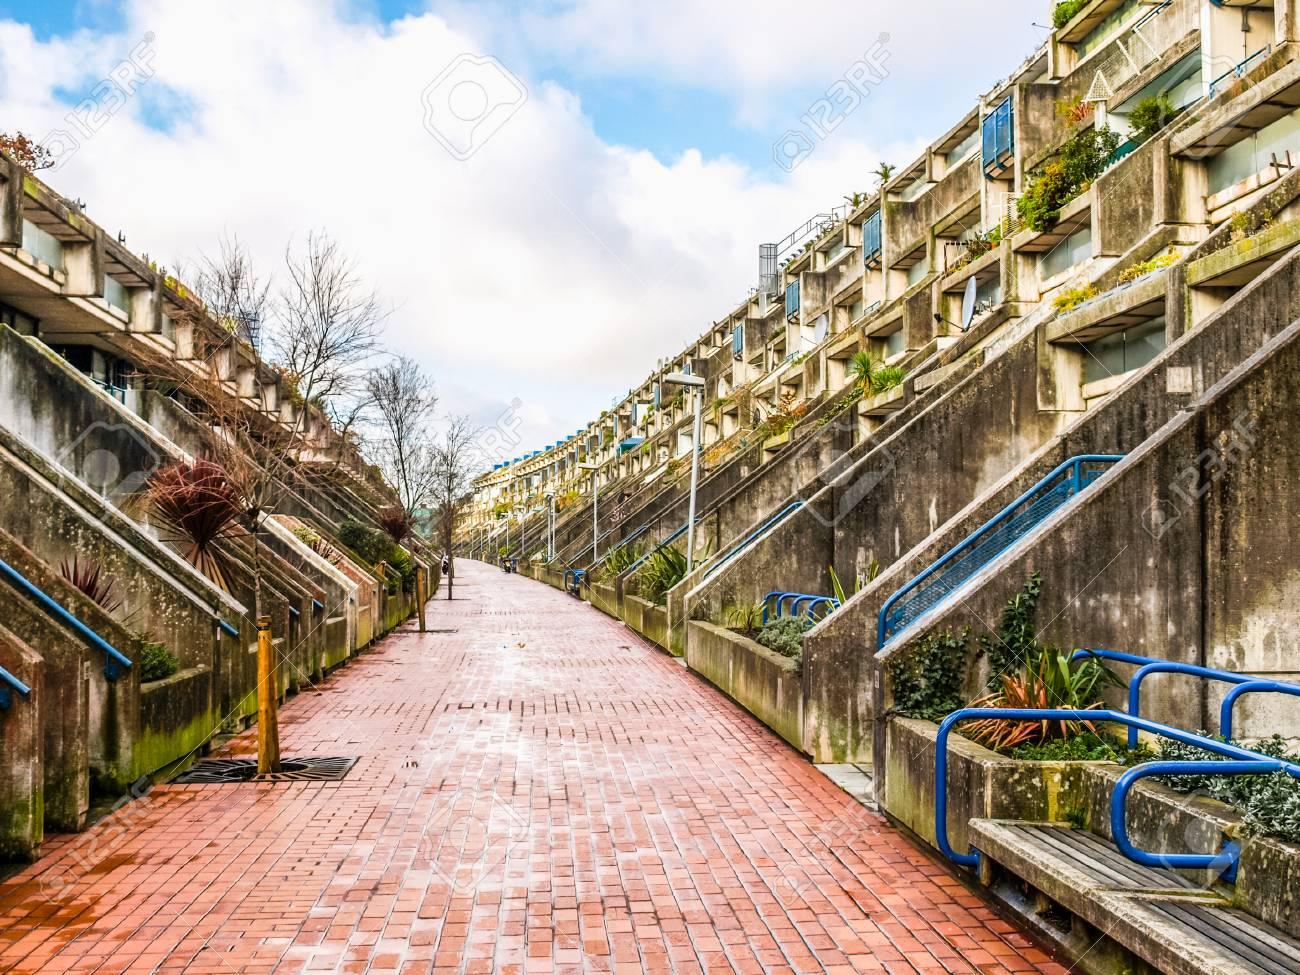 März 2009: Die Im Jahr 1968 Von Neave Brown Entworfen Alexandra Road  Anwesen Reihenhaus Modell Mit Hoher Dichte öffentlichen Wohnungsbau Ist Ein  Meisterwerk ...